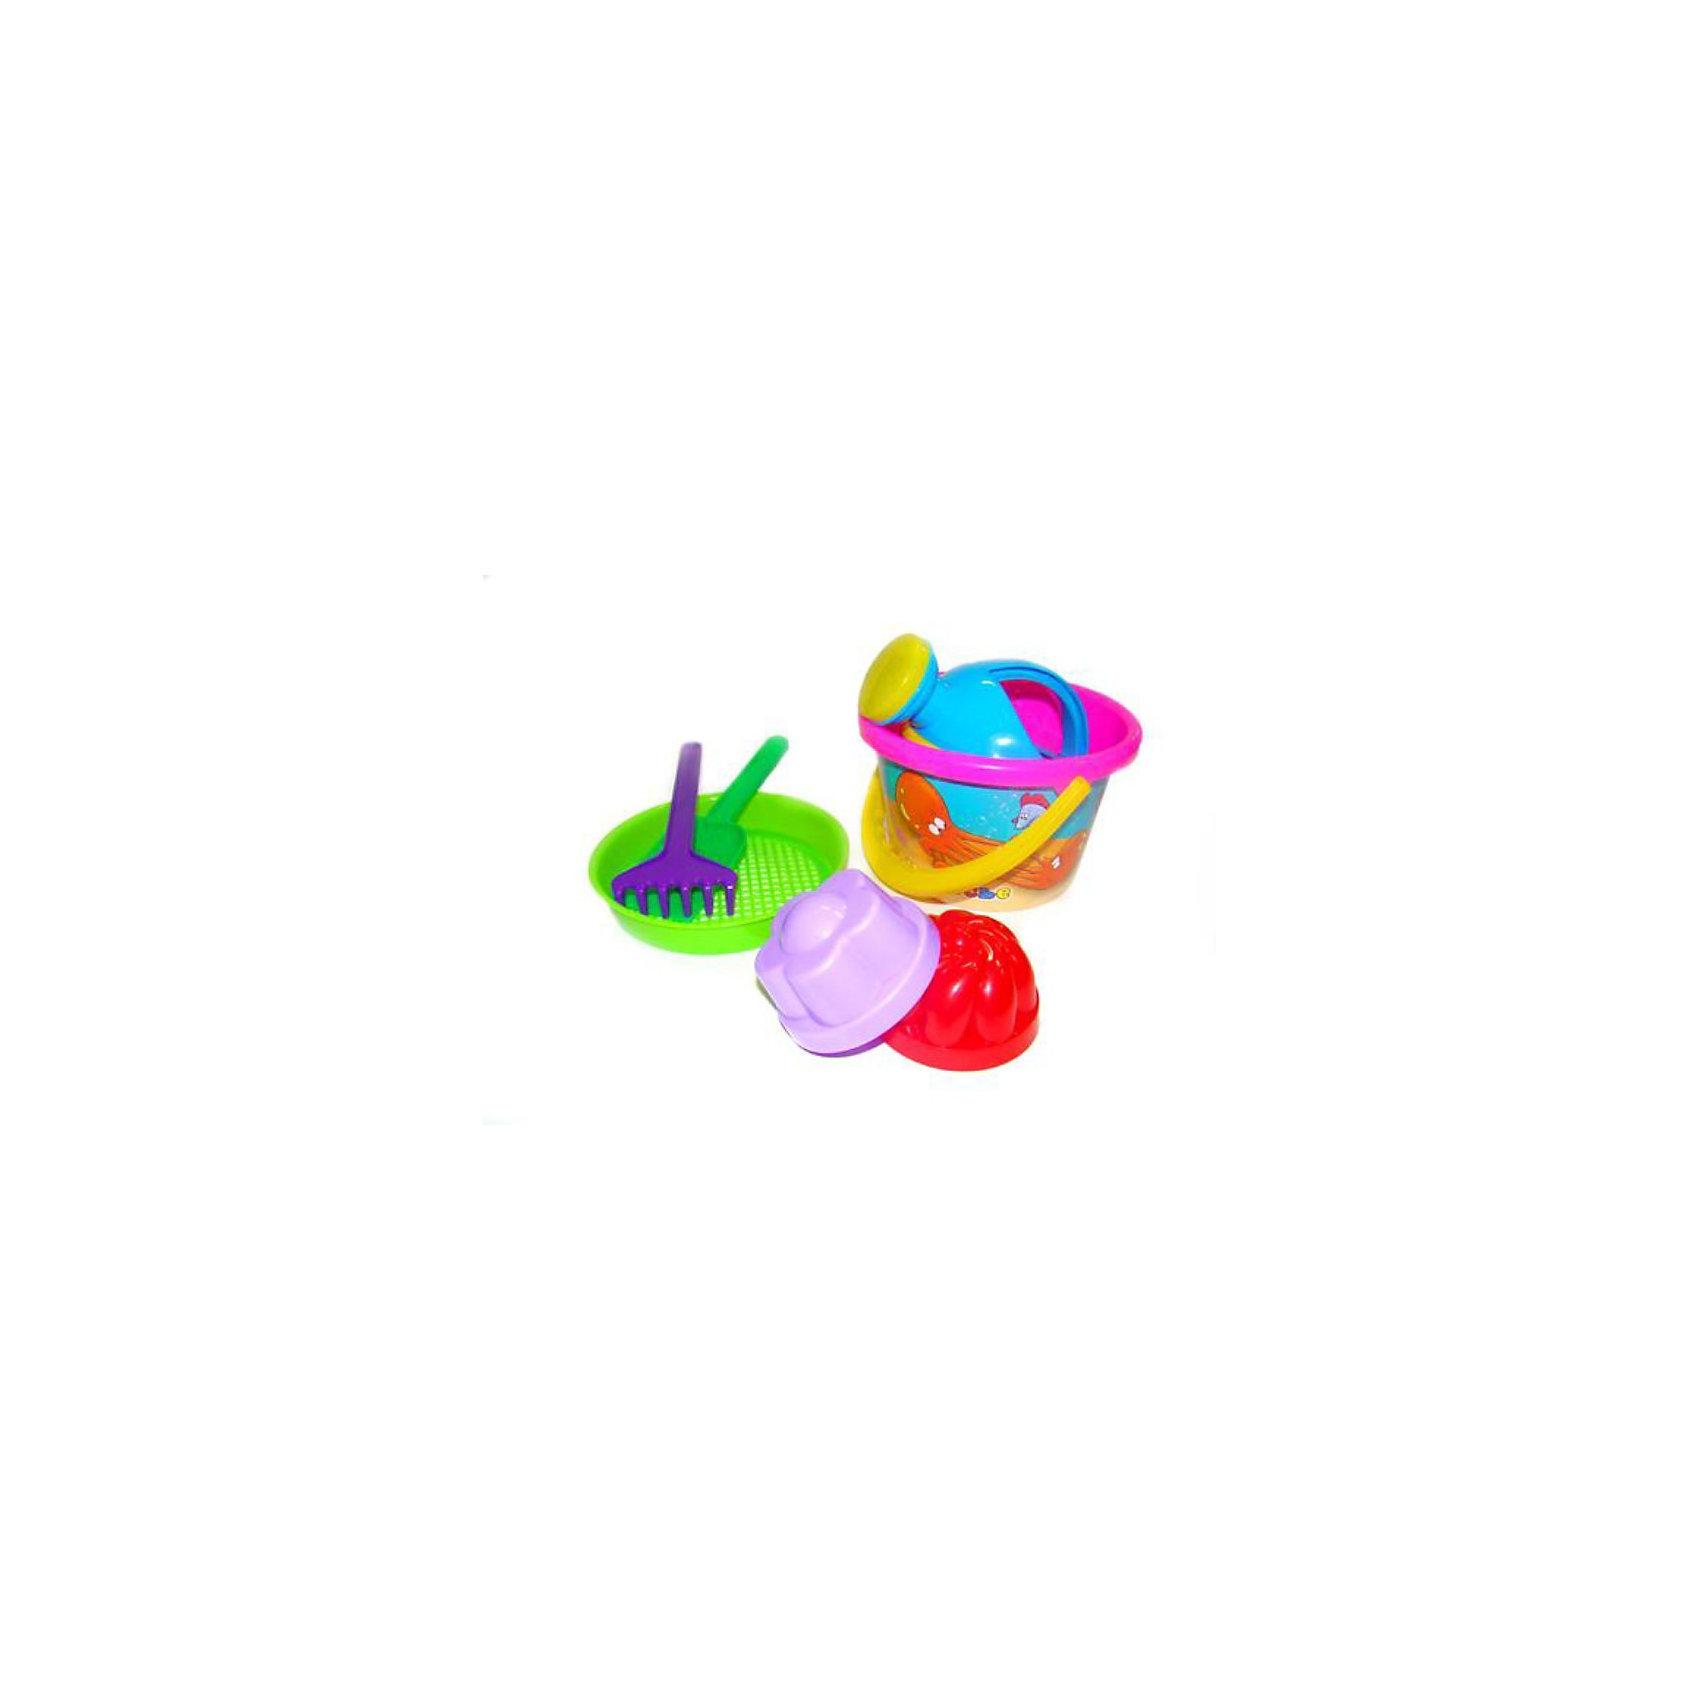 Набор песочный №224, ПолесьеИграем в песочнице<br>Летние наборы представляют собой совокупность игрушек, наиболее необходимых для игр в песочнице. Разнообразие ассортимента фирмы «Полесье» позволяет выбрать именно тот летний набор, который придётся по душе ребёнку. Наборы различаются входящими в них элементами, их формой и расцветкой. Яркость игрушек развивает цветовосприятие, а возможность создавать с их помощью различные фигуры влияет на творческие способности. Летние наборы можно взять с собой на природу, поэтому в преддверии жарких деньков обязательно стоит порадовать малыша таким набором! В набор № 224 входит:  ведро среднее с наклейкой, ситечко, лопатка, грабельки, 2 формочки, лейка малая №4.<br><br>Ширина мм: 190<br>Глубина мм: 170<br>Высота мм: 160<br>Вес г: 240<br>Возраст от месяцев: 12<br>Возраст до месяцев: 60<br>Пол: Унисекс<br>Возраст: Детский<br>SKU: 3566334